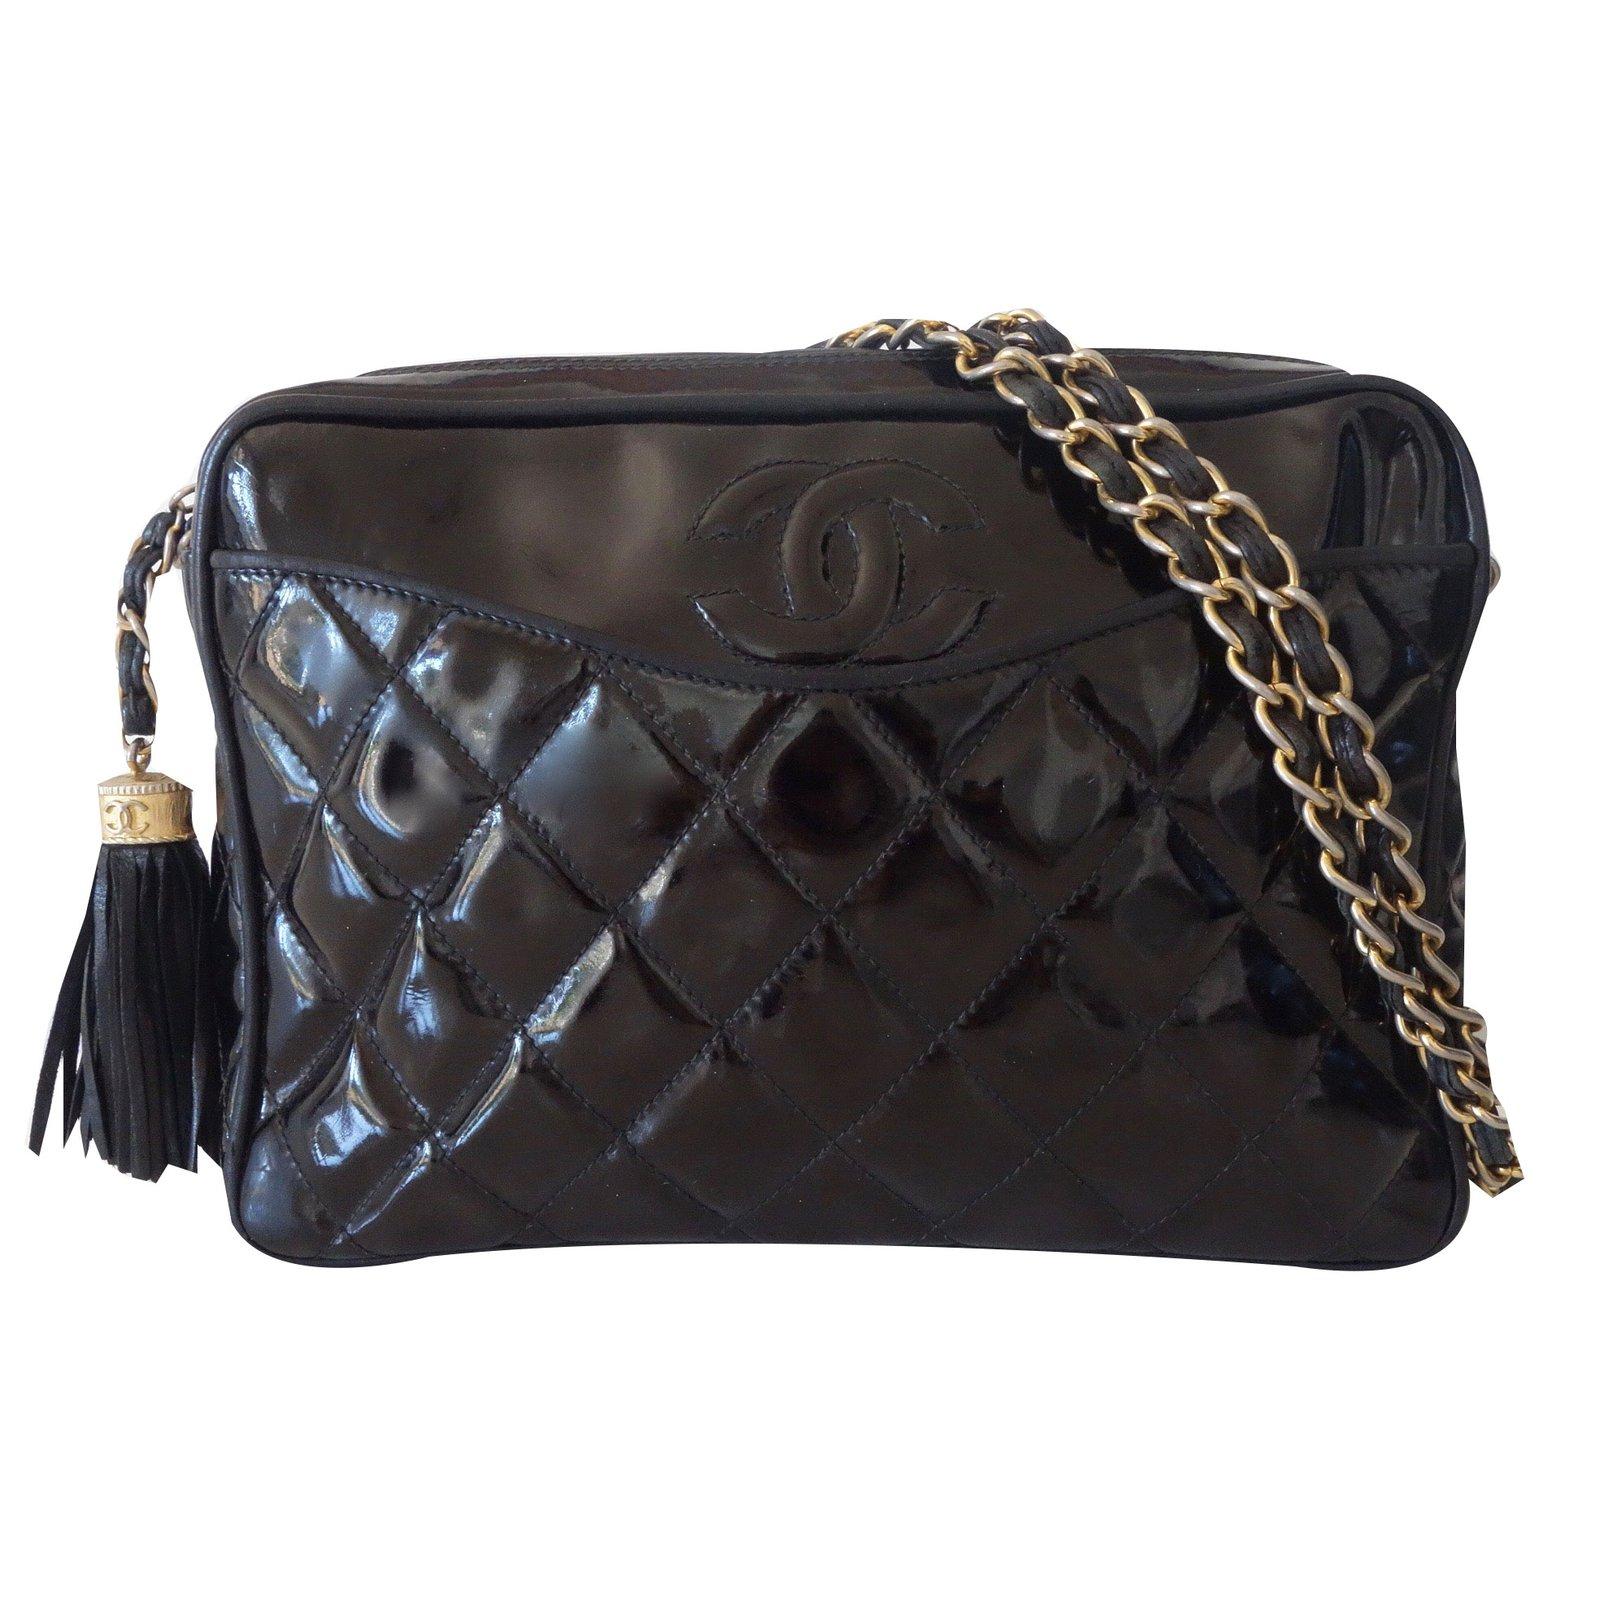 Sacs à main Chanel CAMERA VINTAGE POMPON Cuir vernis Noir ref.24989 e158d269bfa